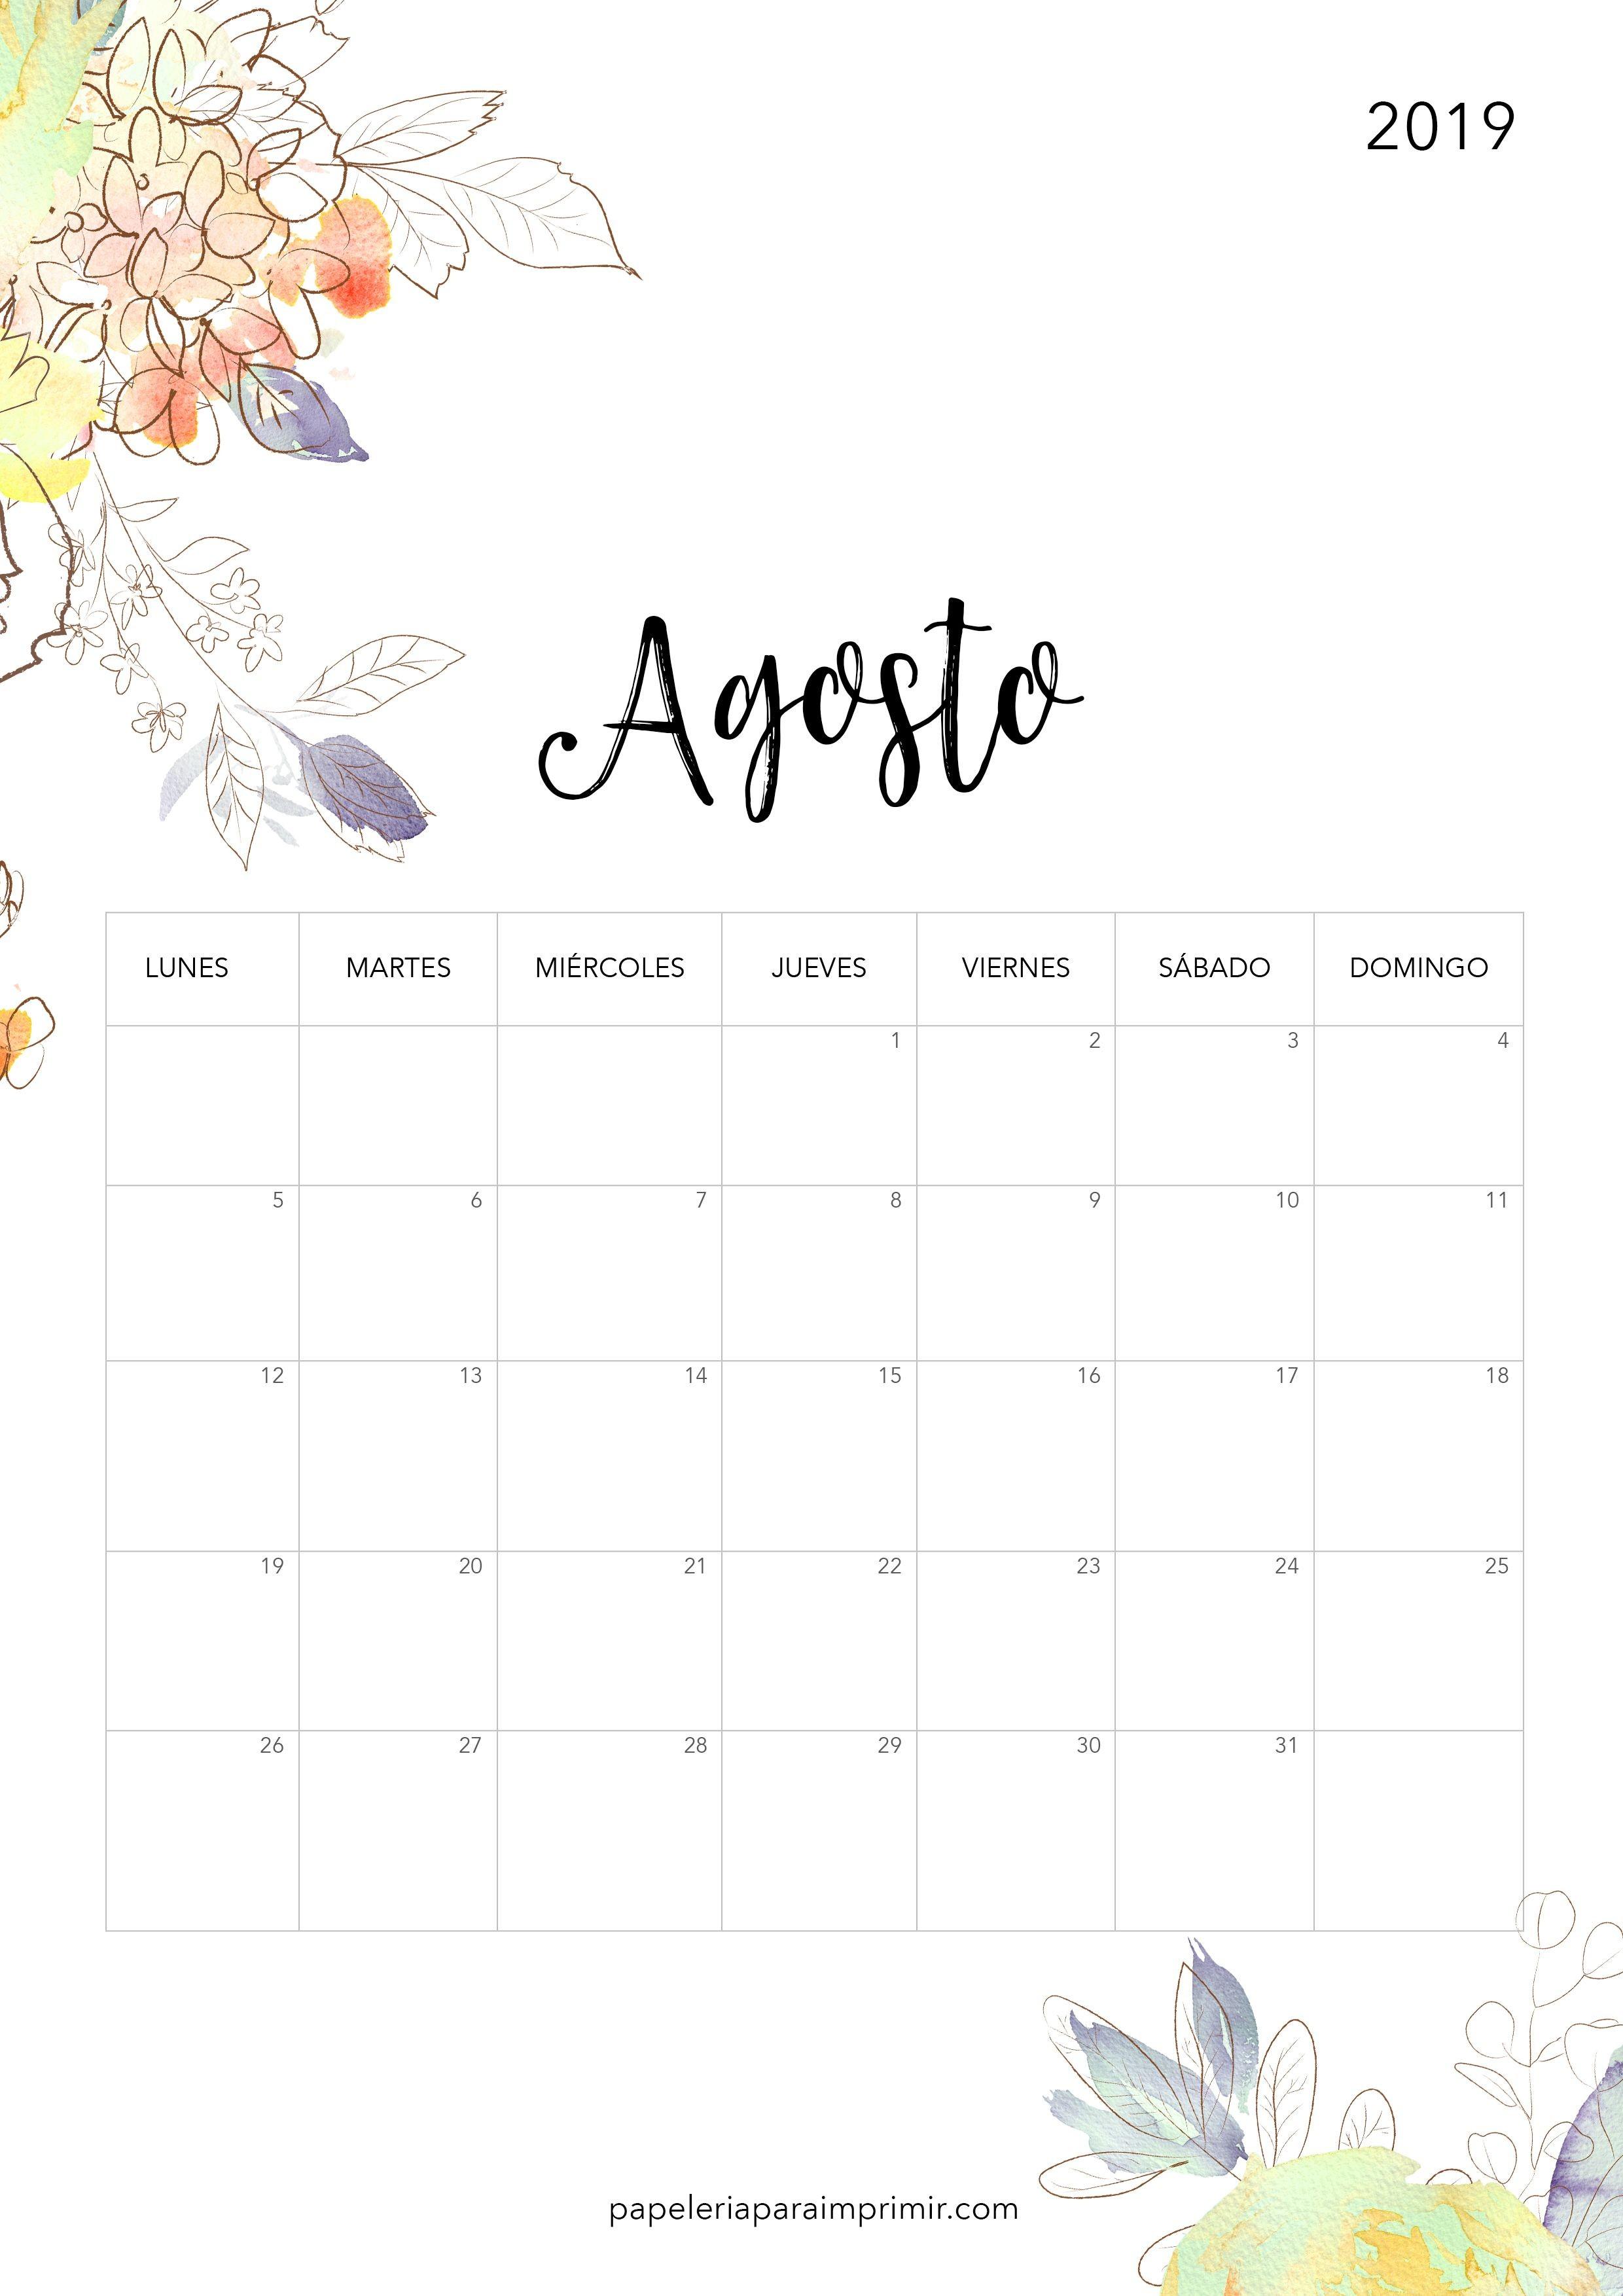 Calendario Mensual 2019 Para Imprimir Gratis Recientes Calendario Para Imprimir 2019 Agosto Calendario Imprimir 2019 Of Calendario Mensual 2019 Para Imprimir Gratis Más Recientes Calendario Para Imprimir 2019 Abril Calendario Imprimir